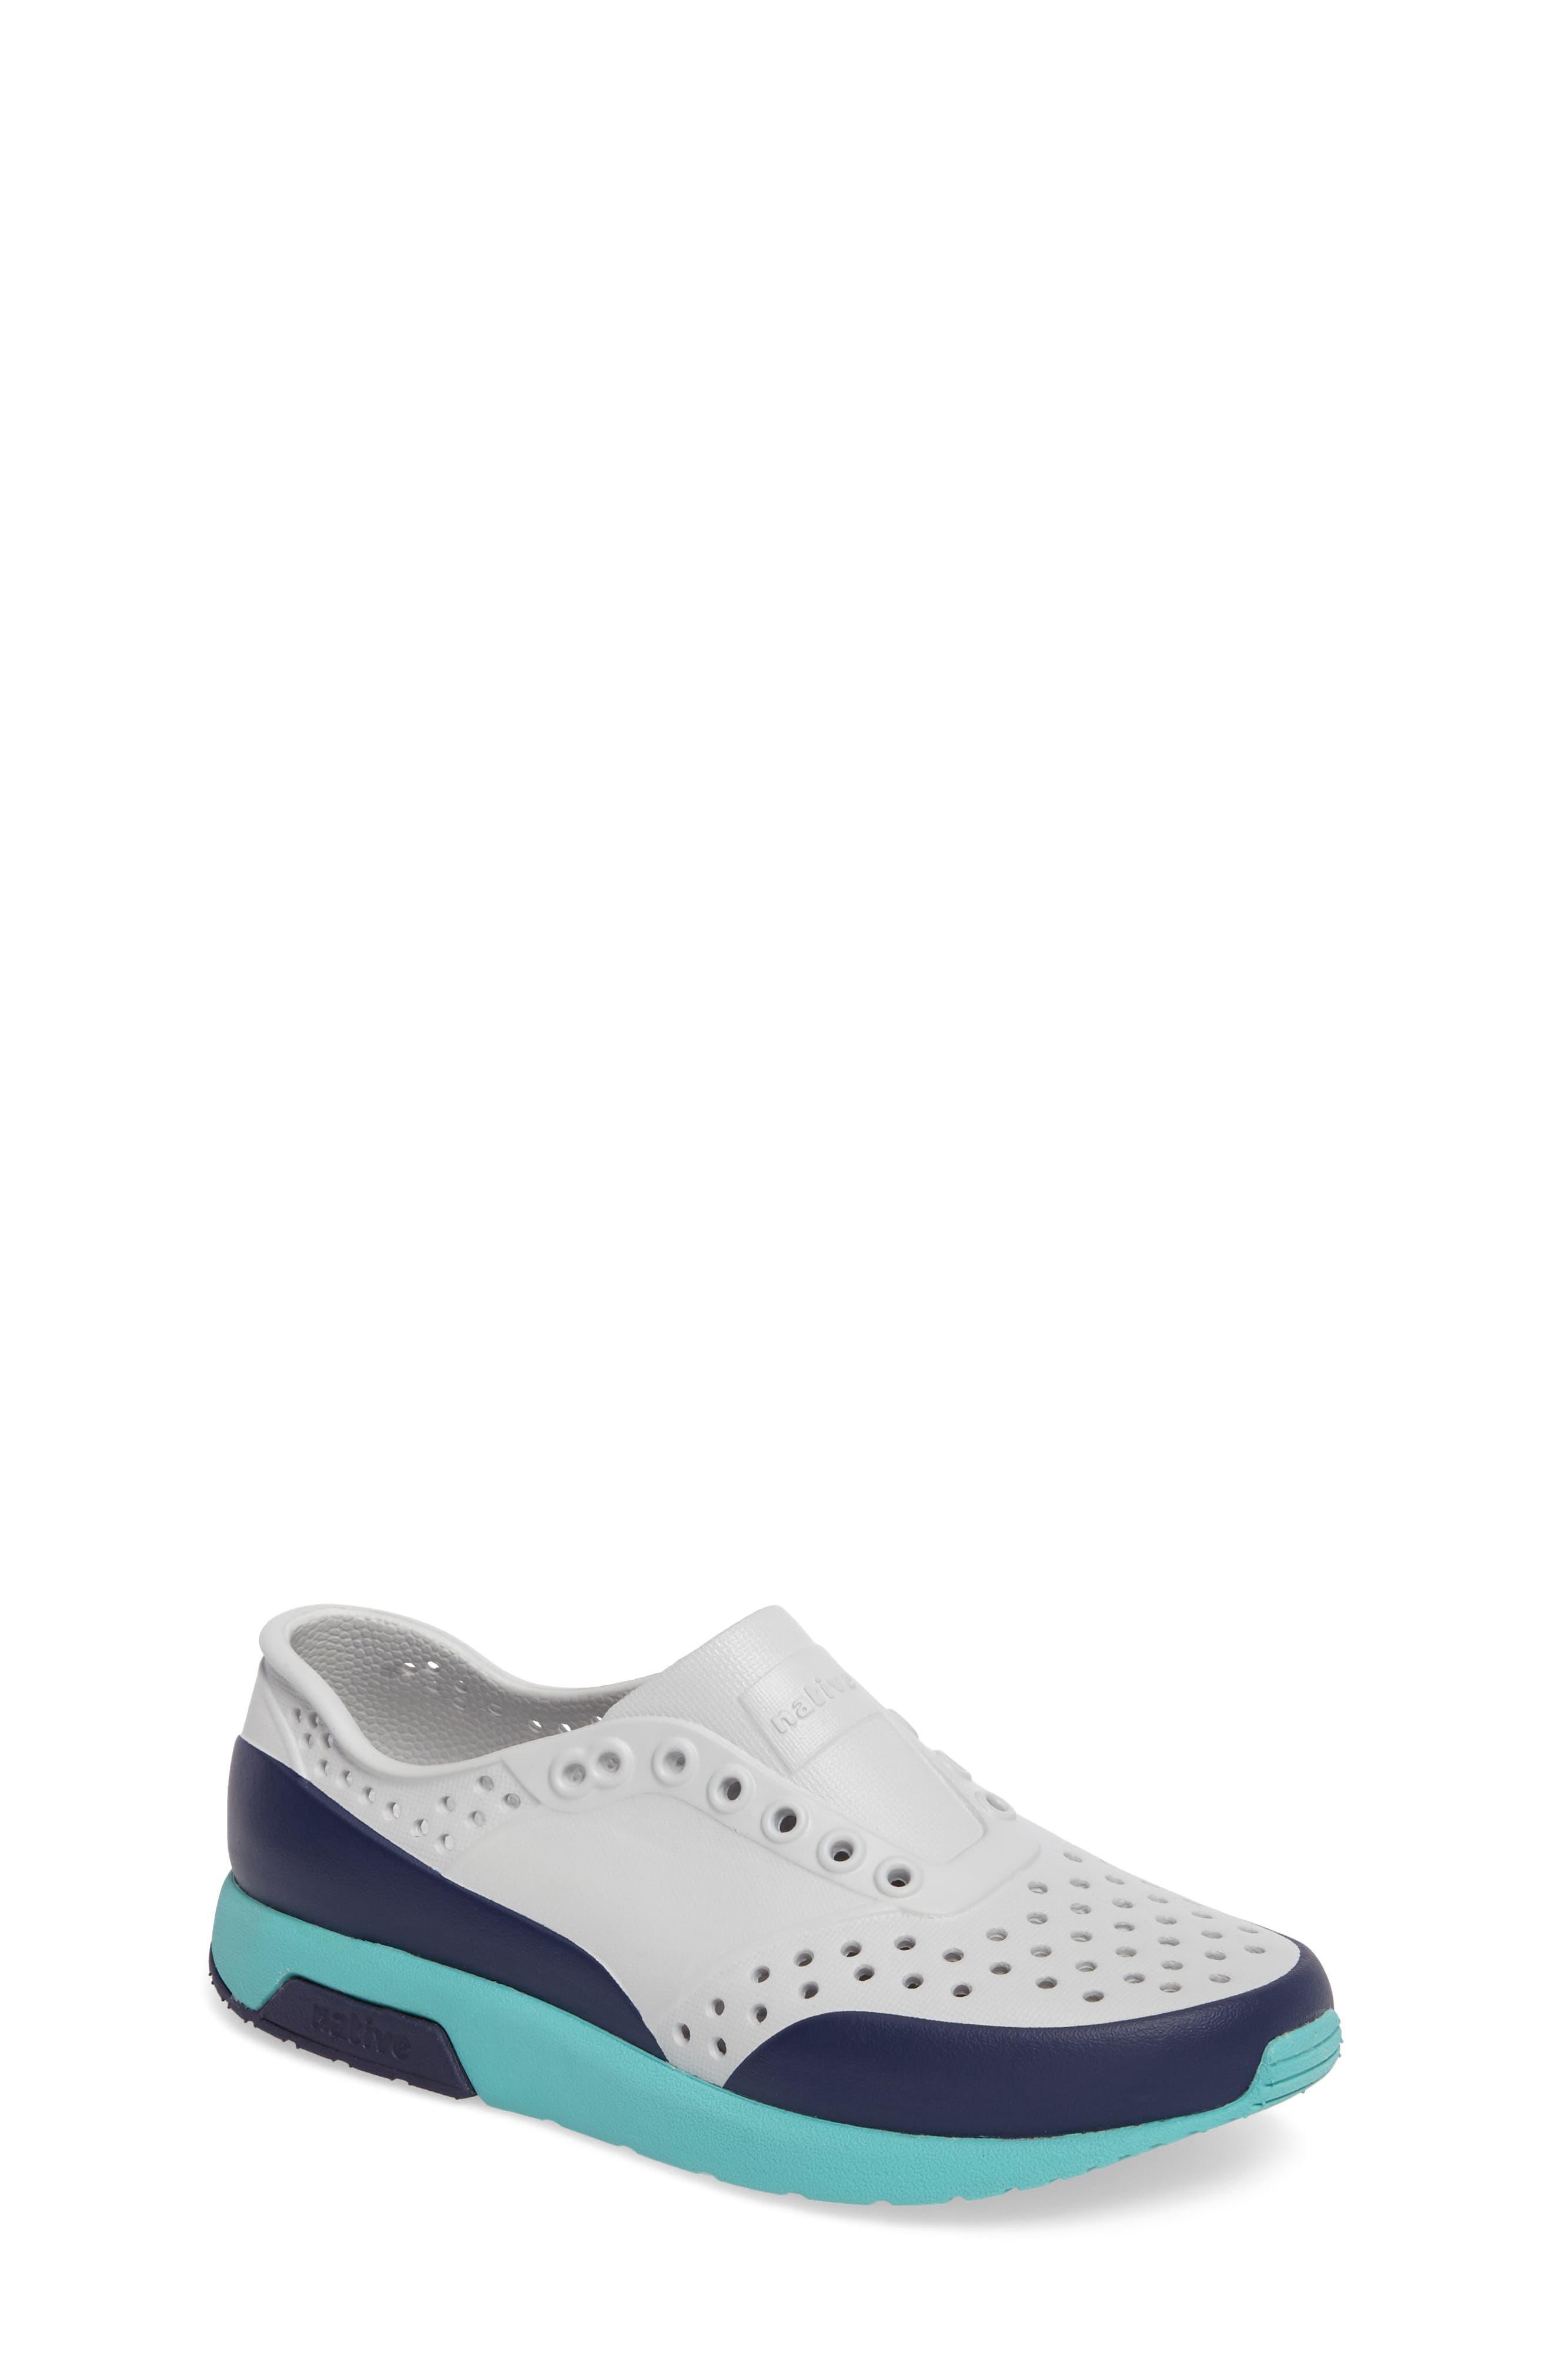 Alternate Image 1 Selected - Native Shoes Lennox Block Slip-On Sneaker (Baby, Walker, Toddler & Little Kid)